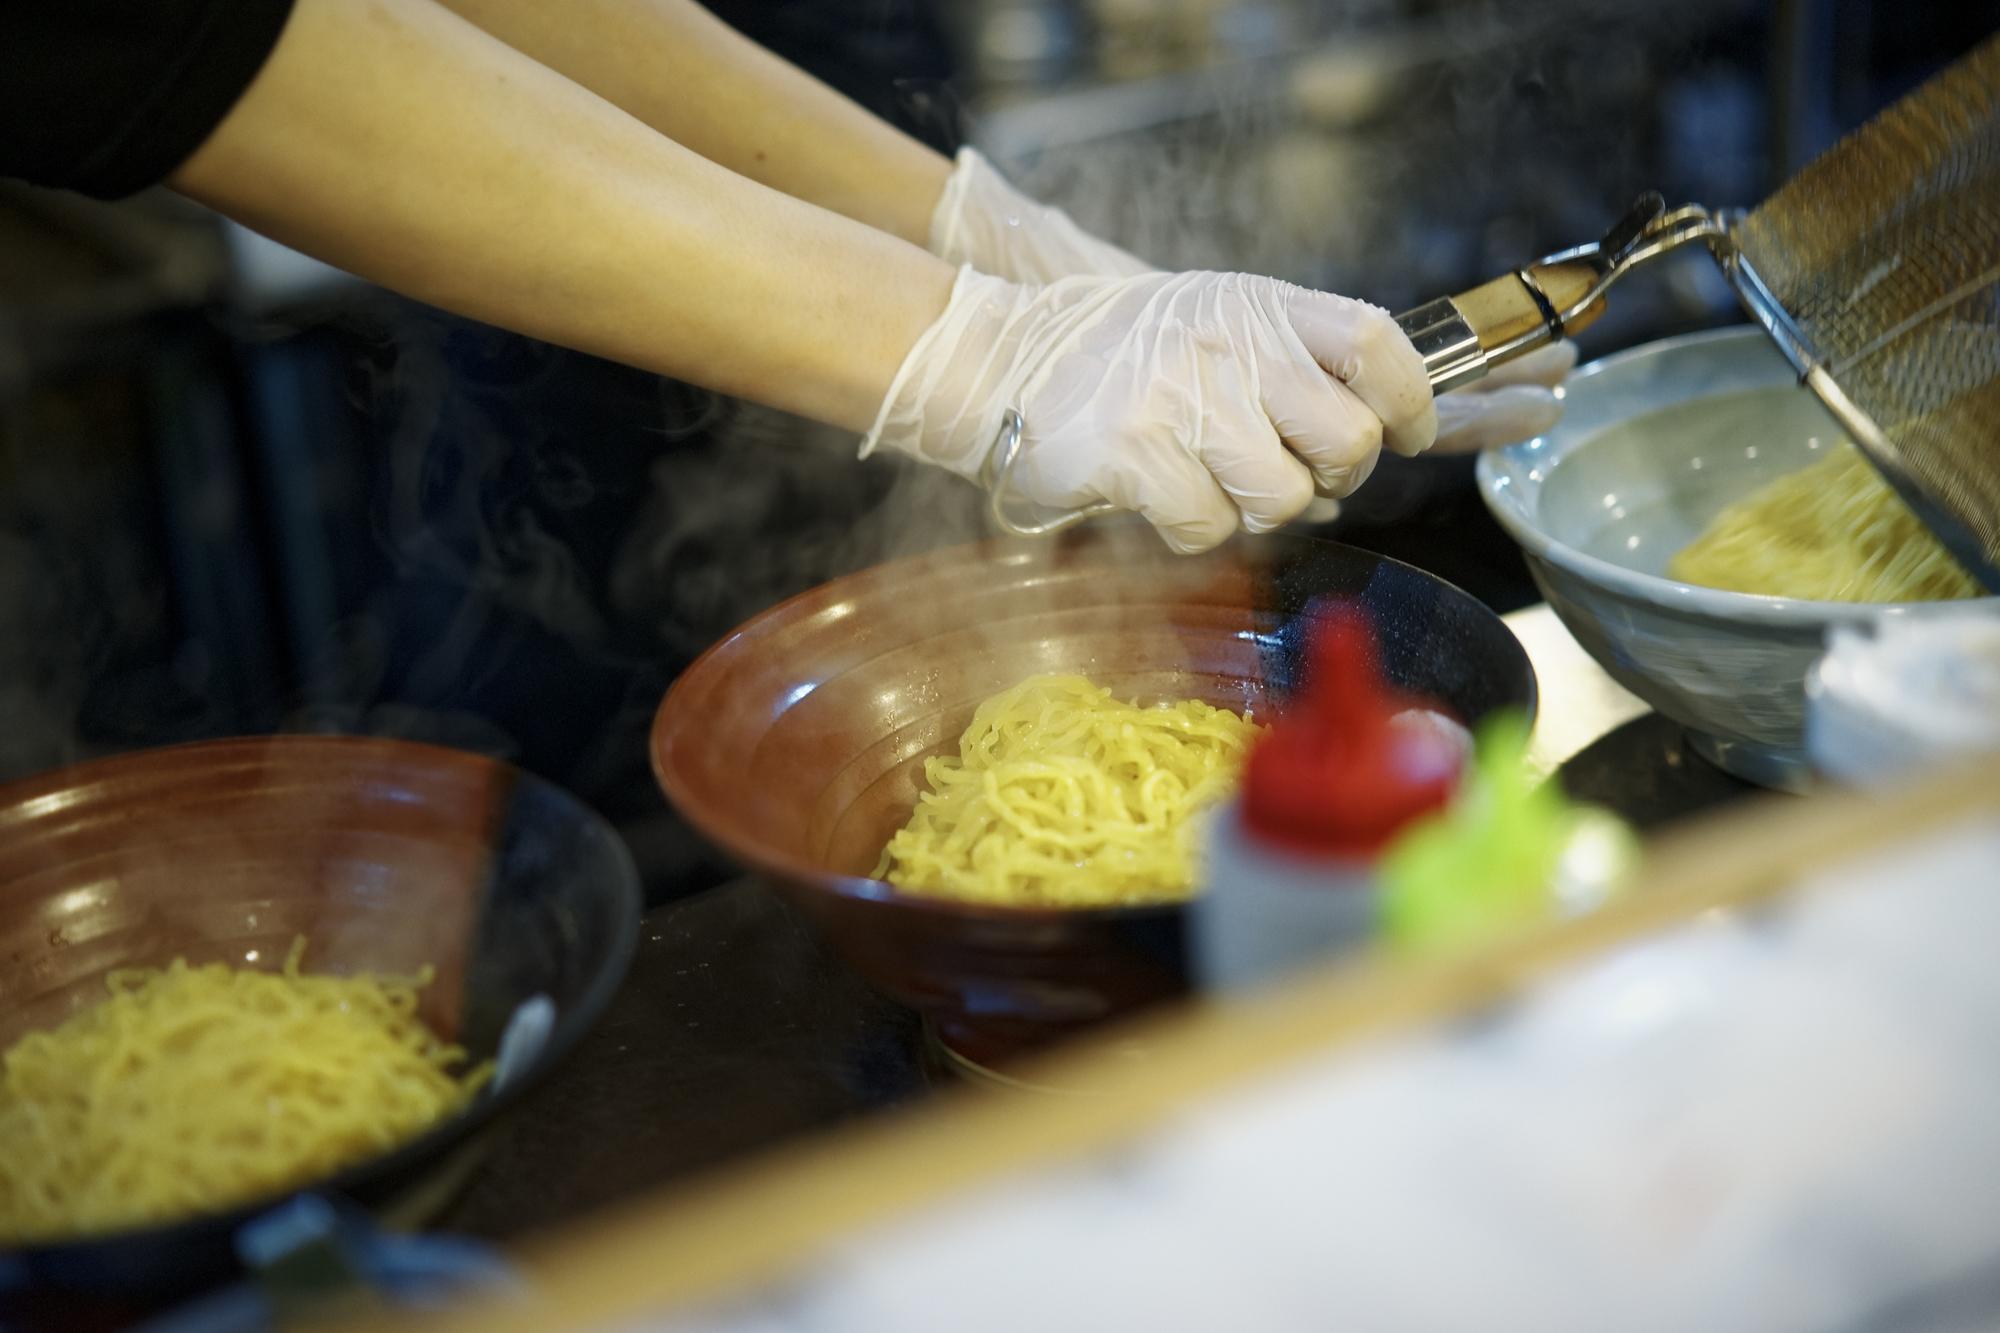 デリバリーOK、テイクアウトOK!渋谷区でおすすめの麺5選|TIME SHARING|タイムシェアリング |スペースマネジメント|あどばる|adval|SHARING